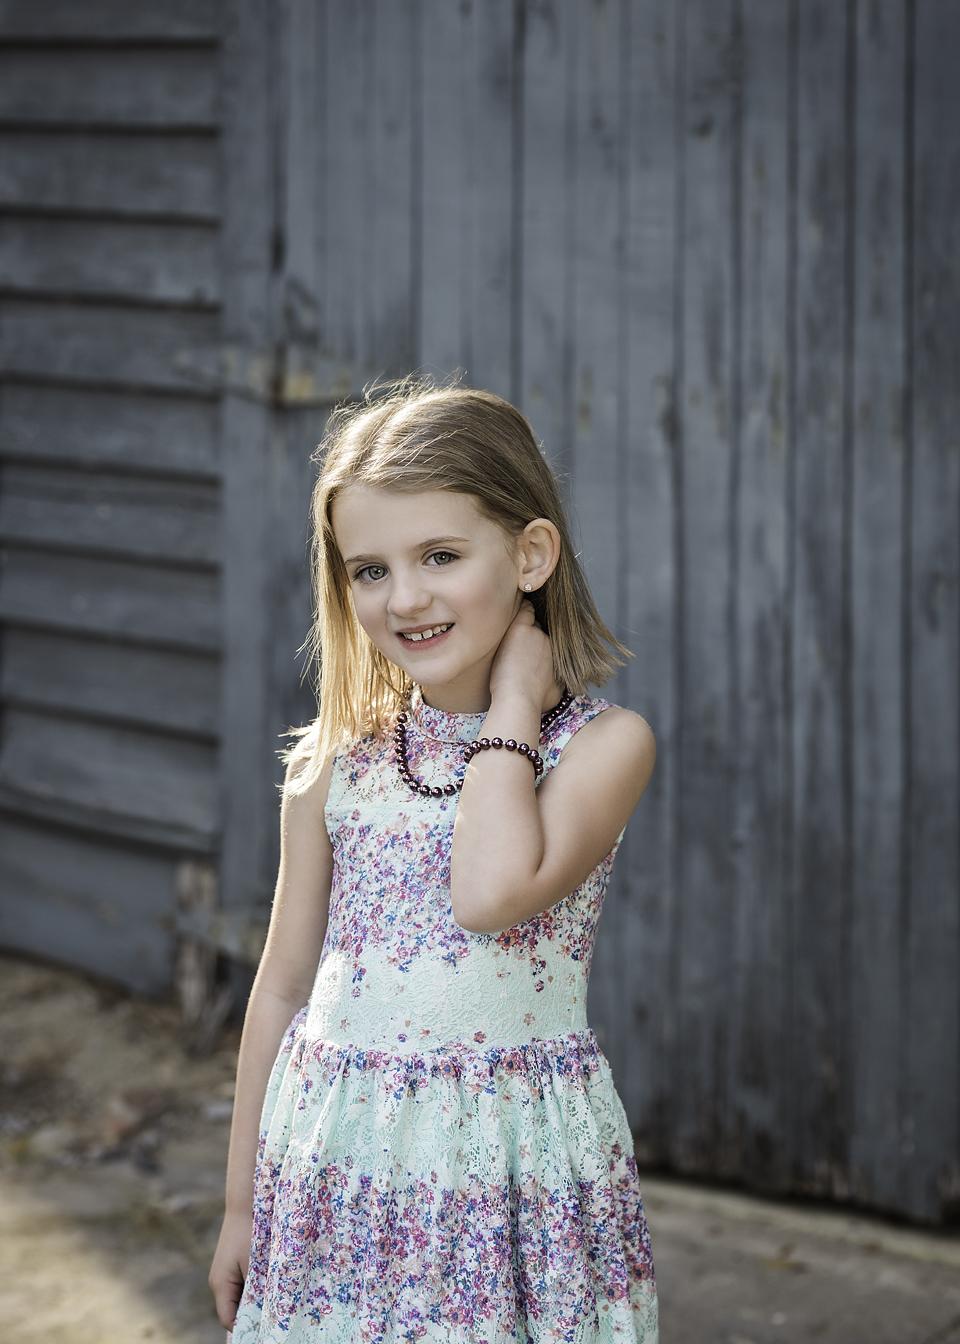 backlight portrait of girl